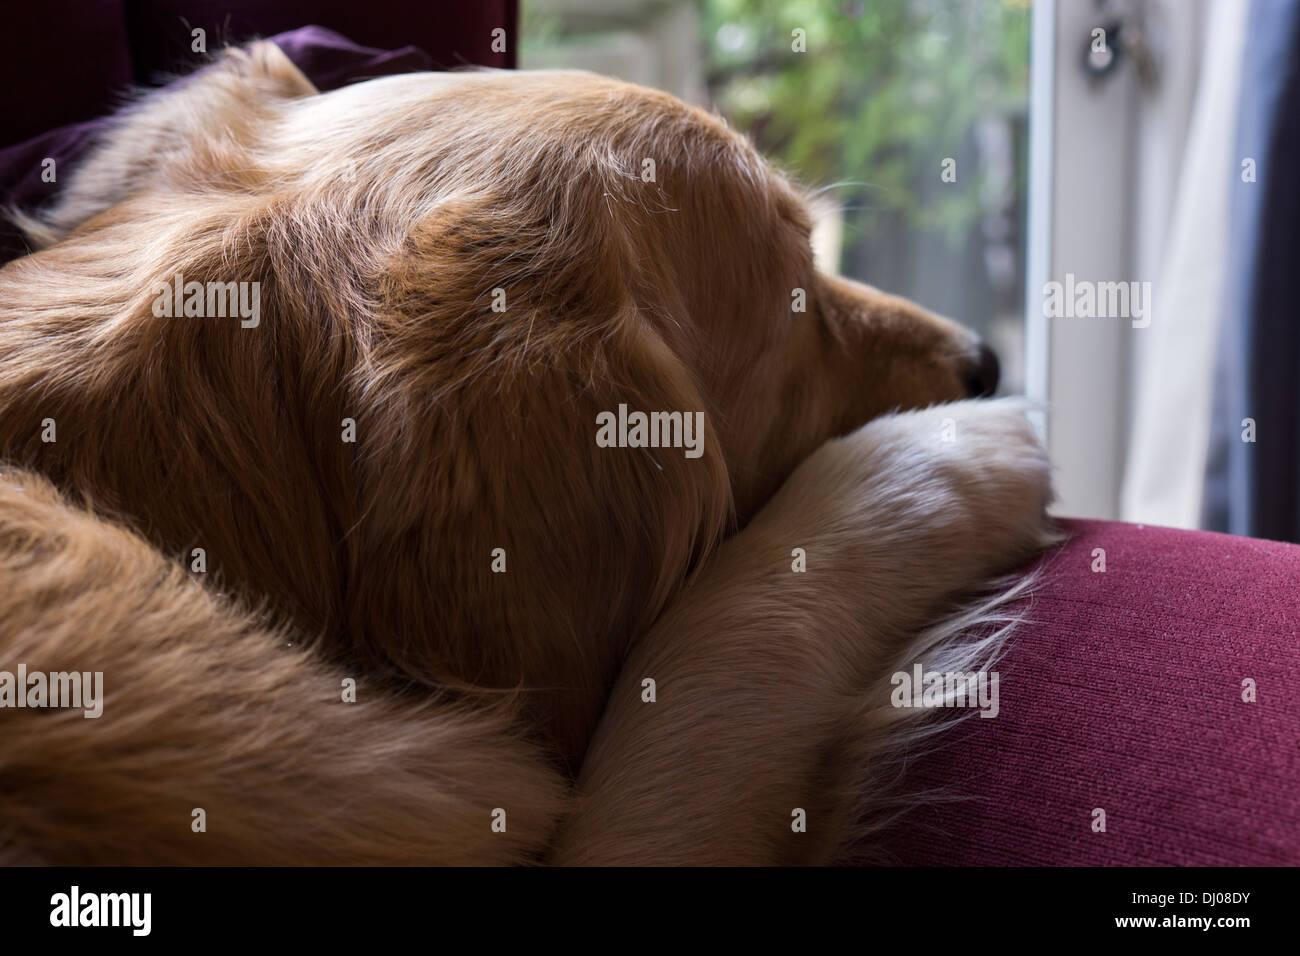 golden retriever Labrador dog face teeth playing Stock Photo